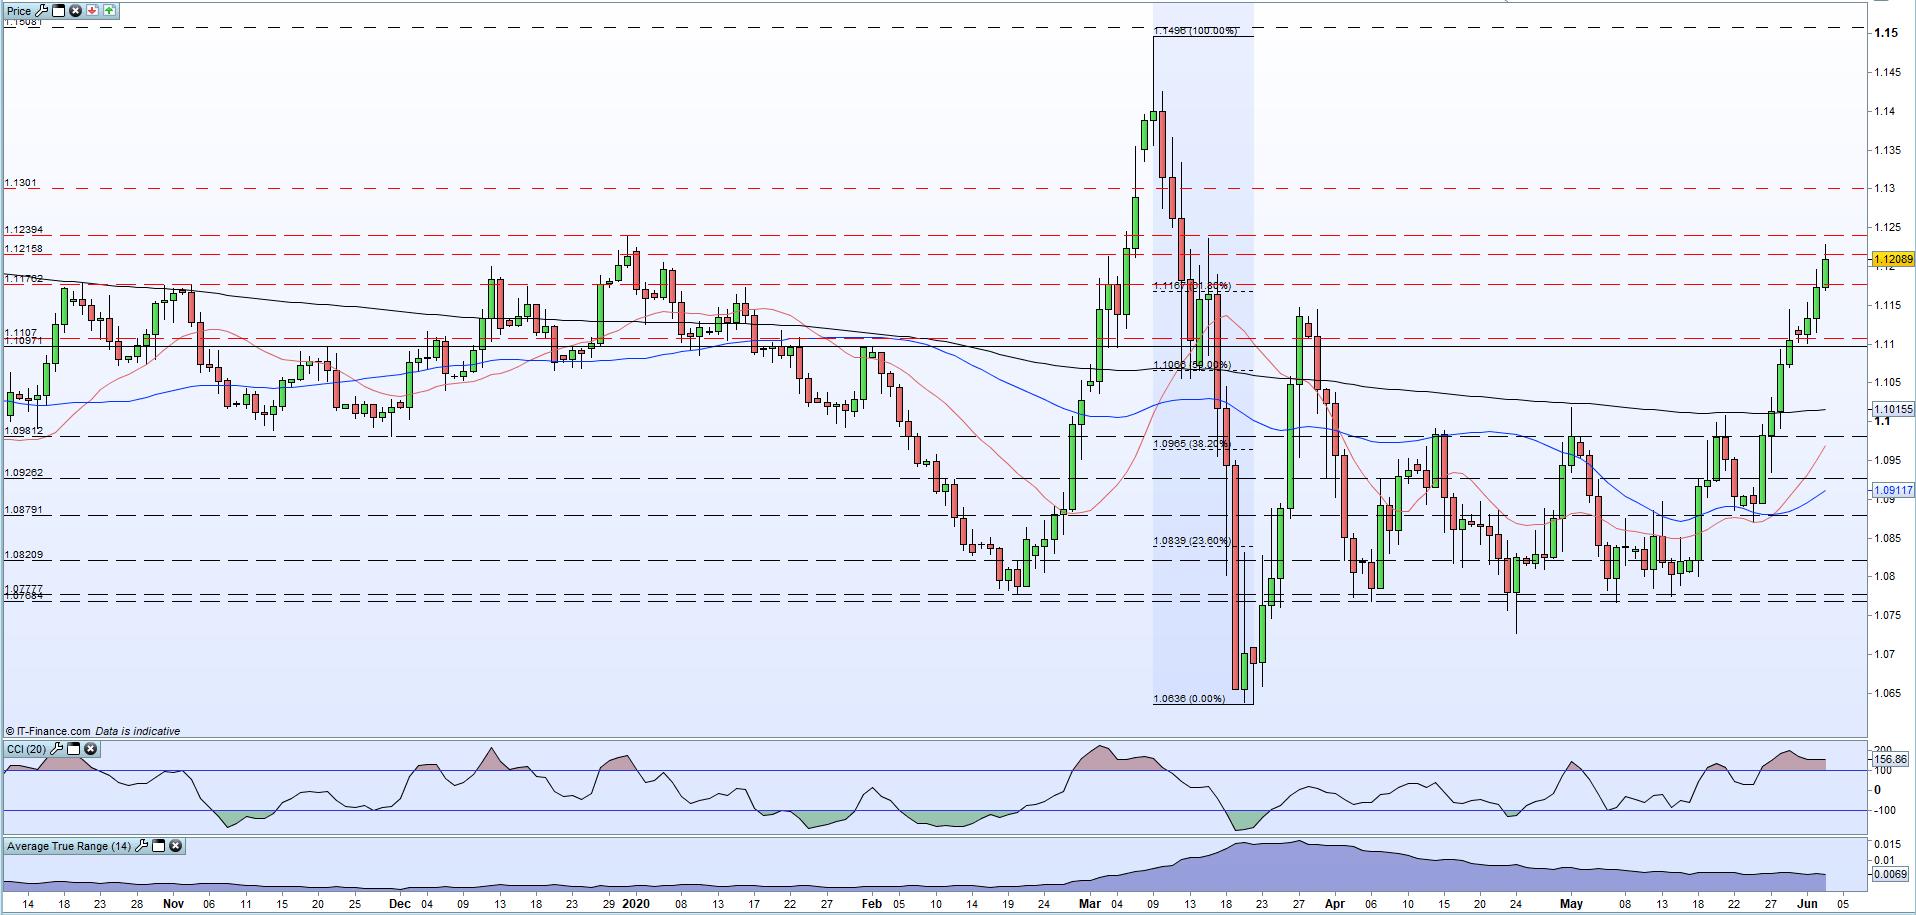 欧元/美元:央行善举盖过不确定性,风险偏好势不可挡